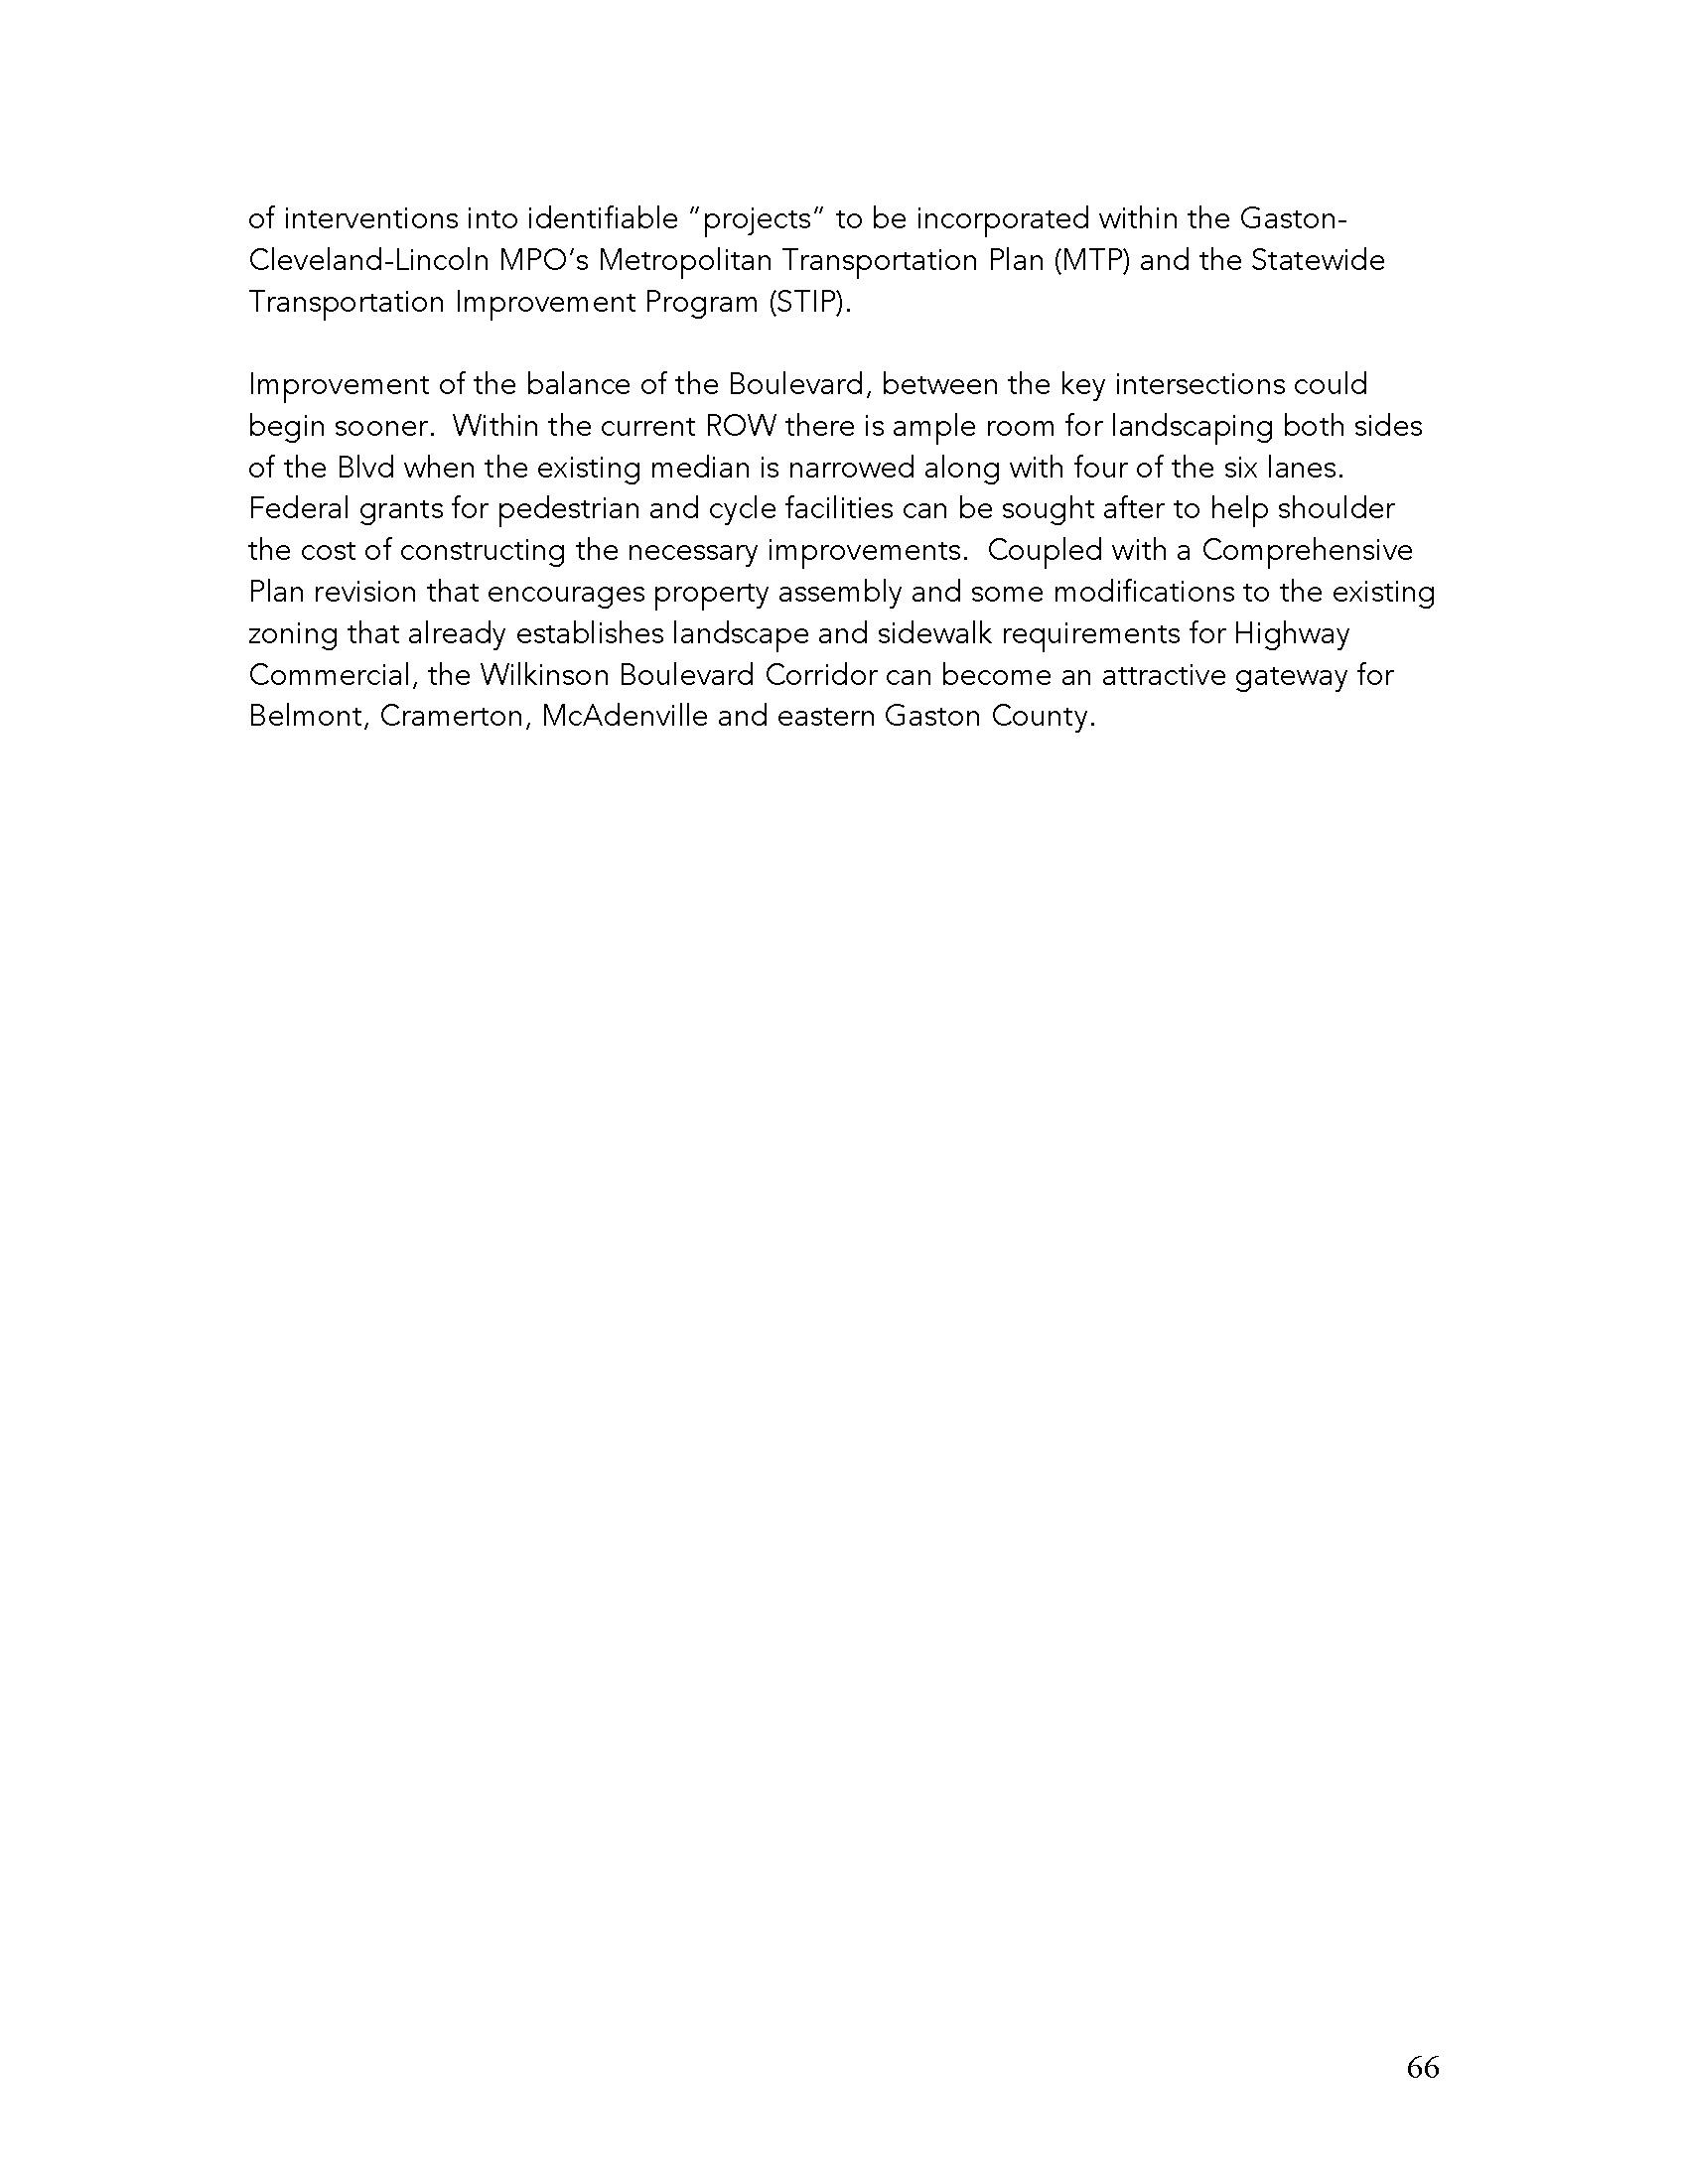 1 WilkinsonBlvd Draft Report 1-22-15 RH_Peter Edit_Page_66.jpg